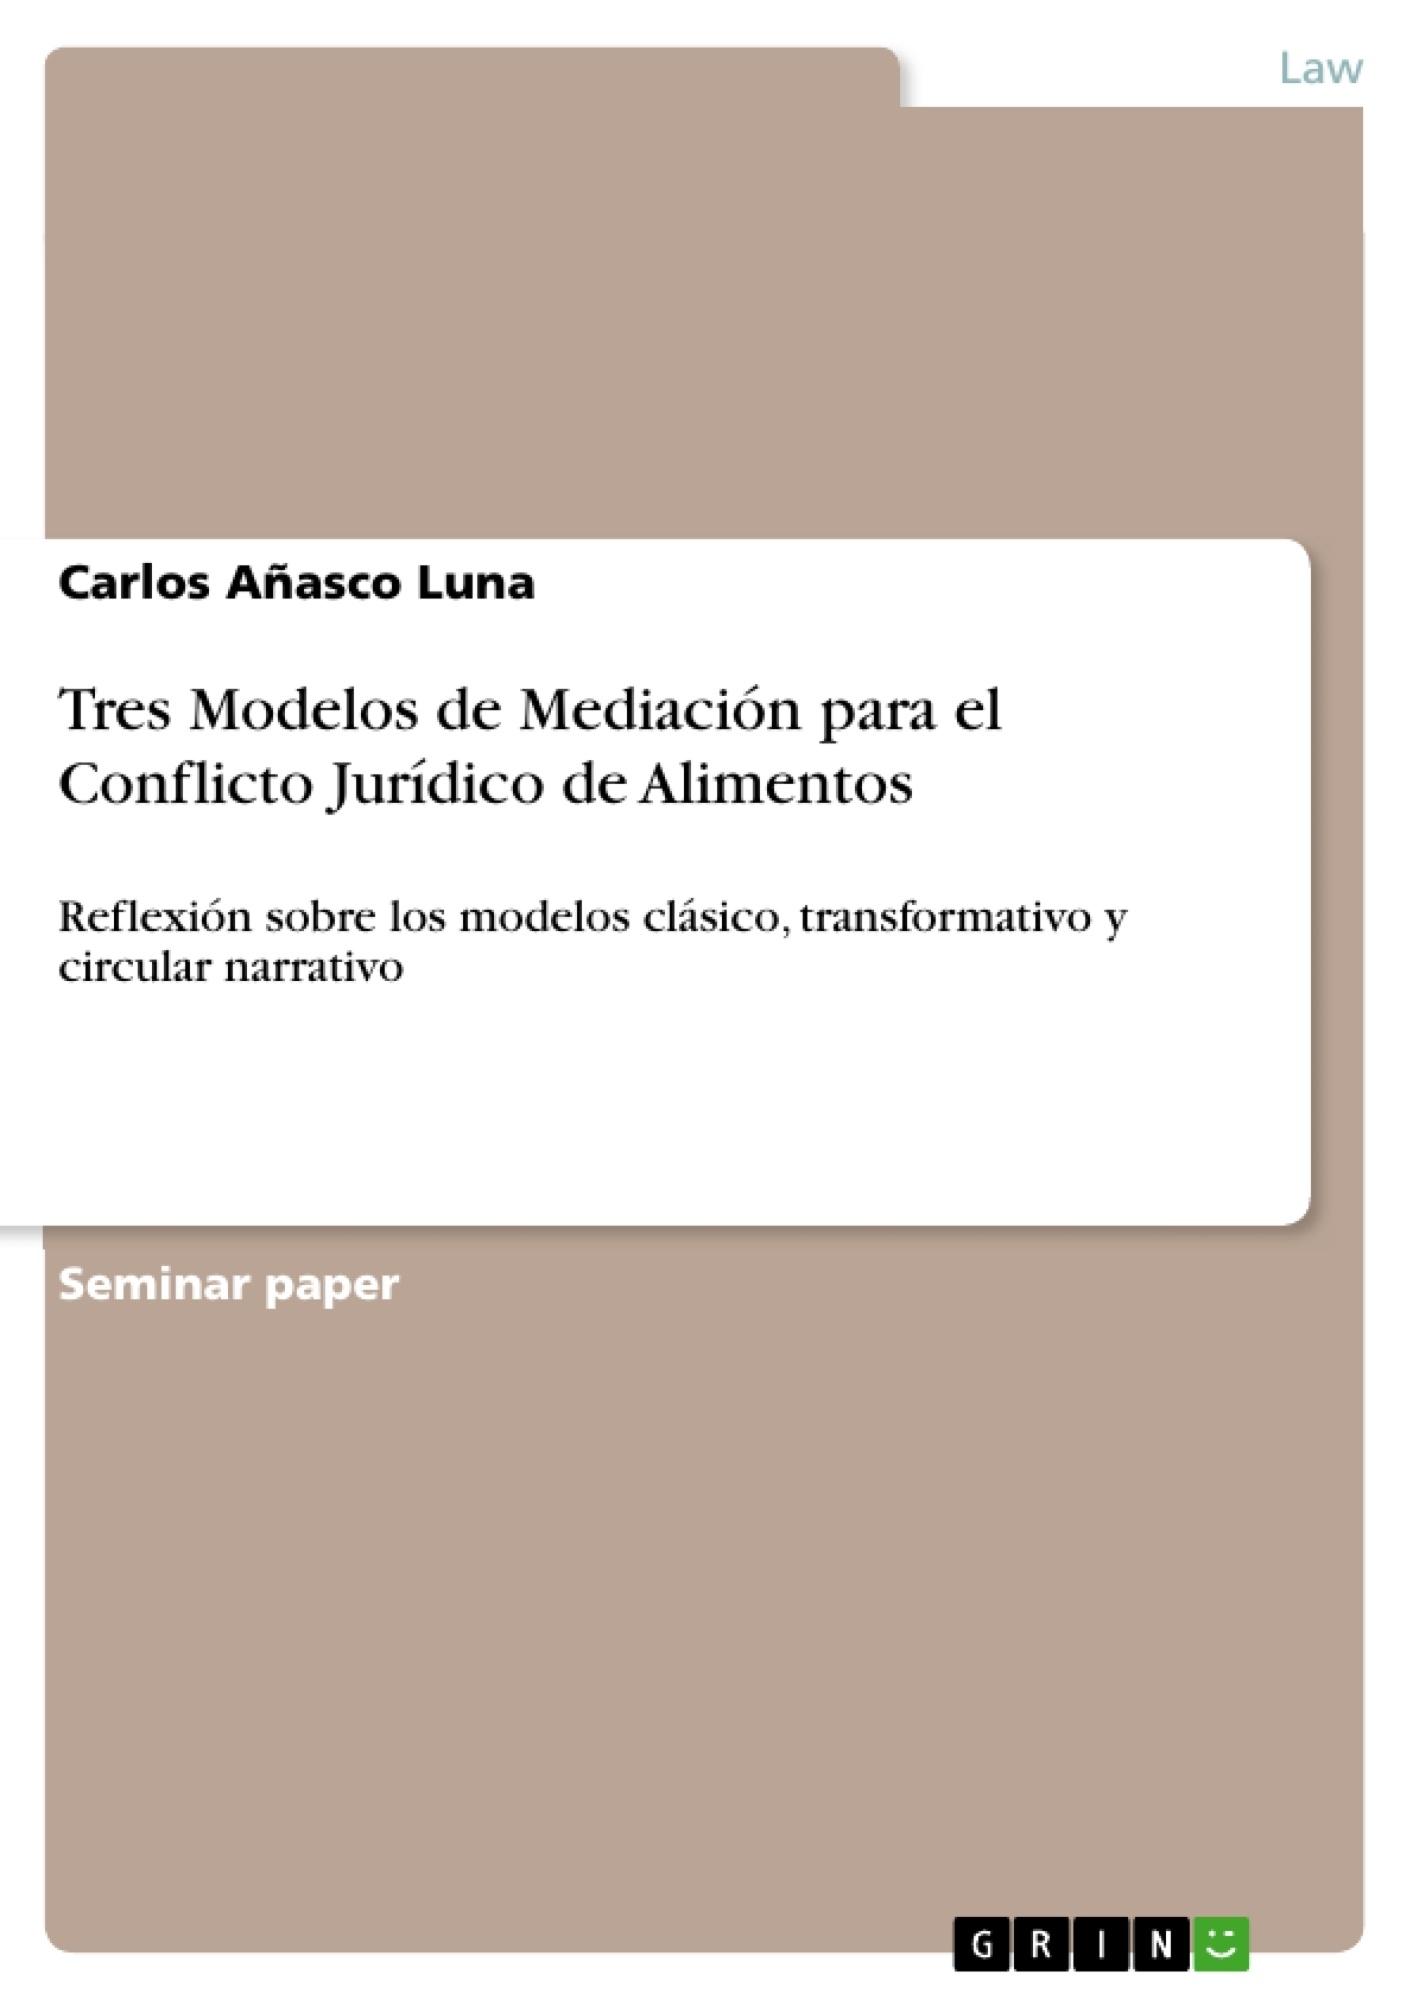 Título: Tres Modelos de Mediación para el Conflicto Jurídico de Alimentos